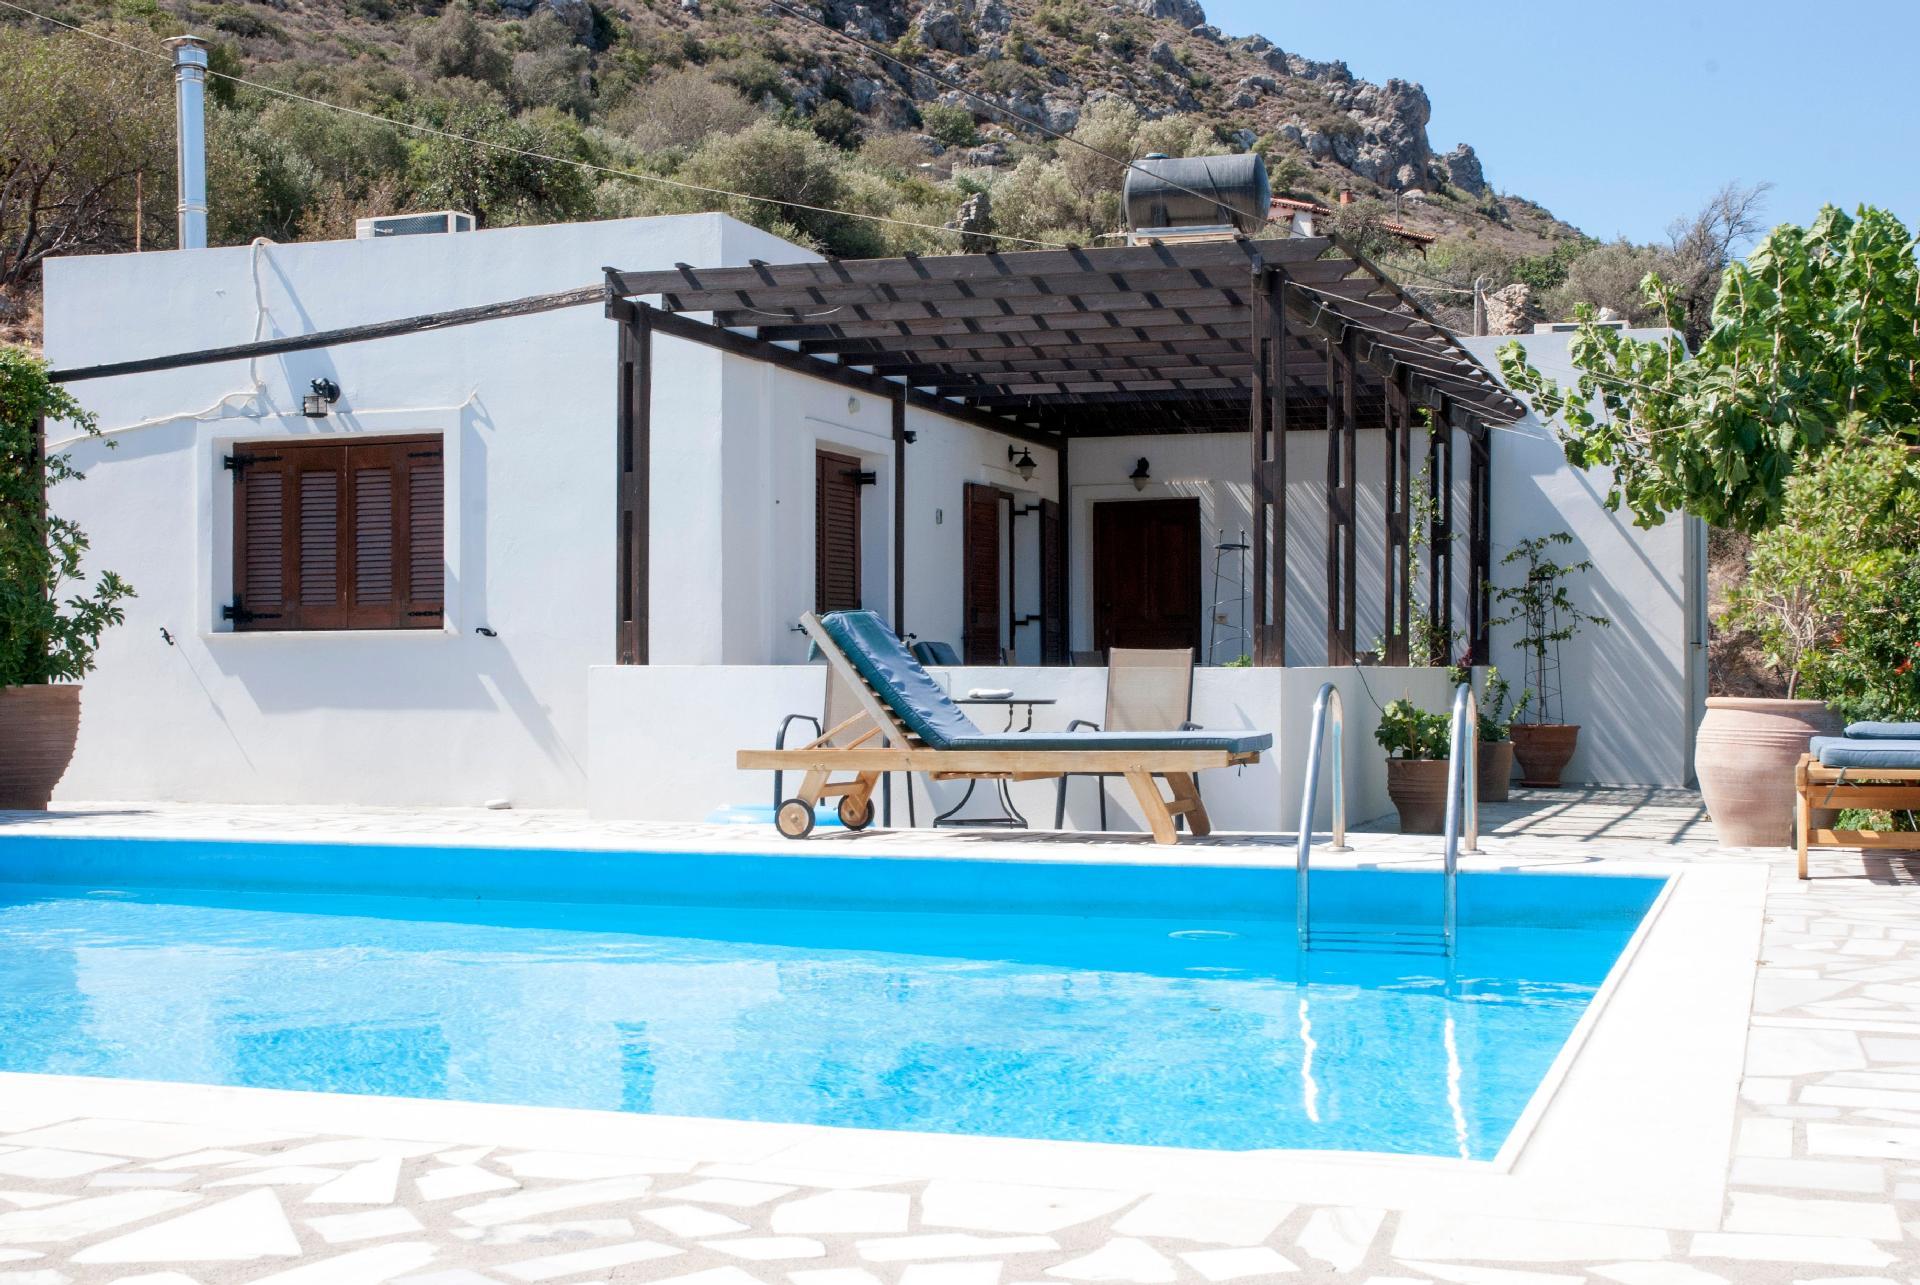 Ferienhaus mit Privatpool für 4 Personen ca.   in Griechenland